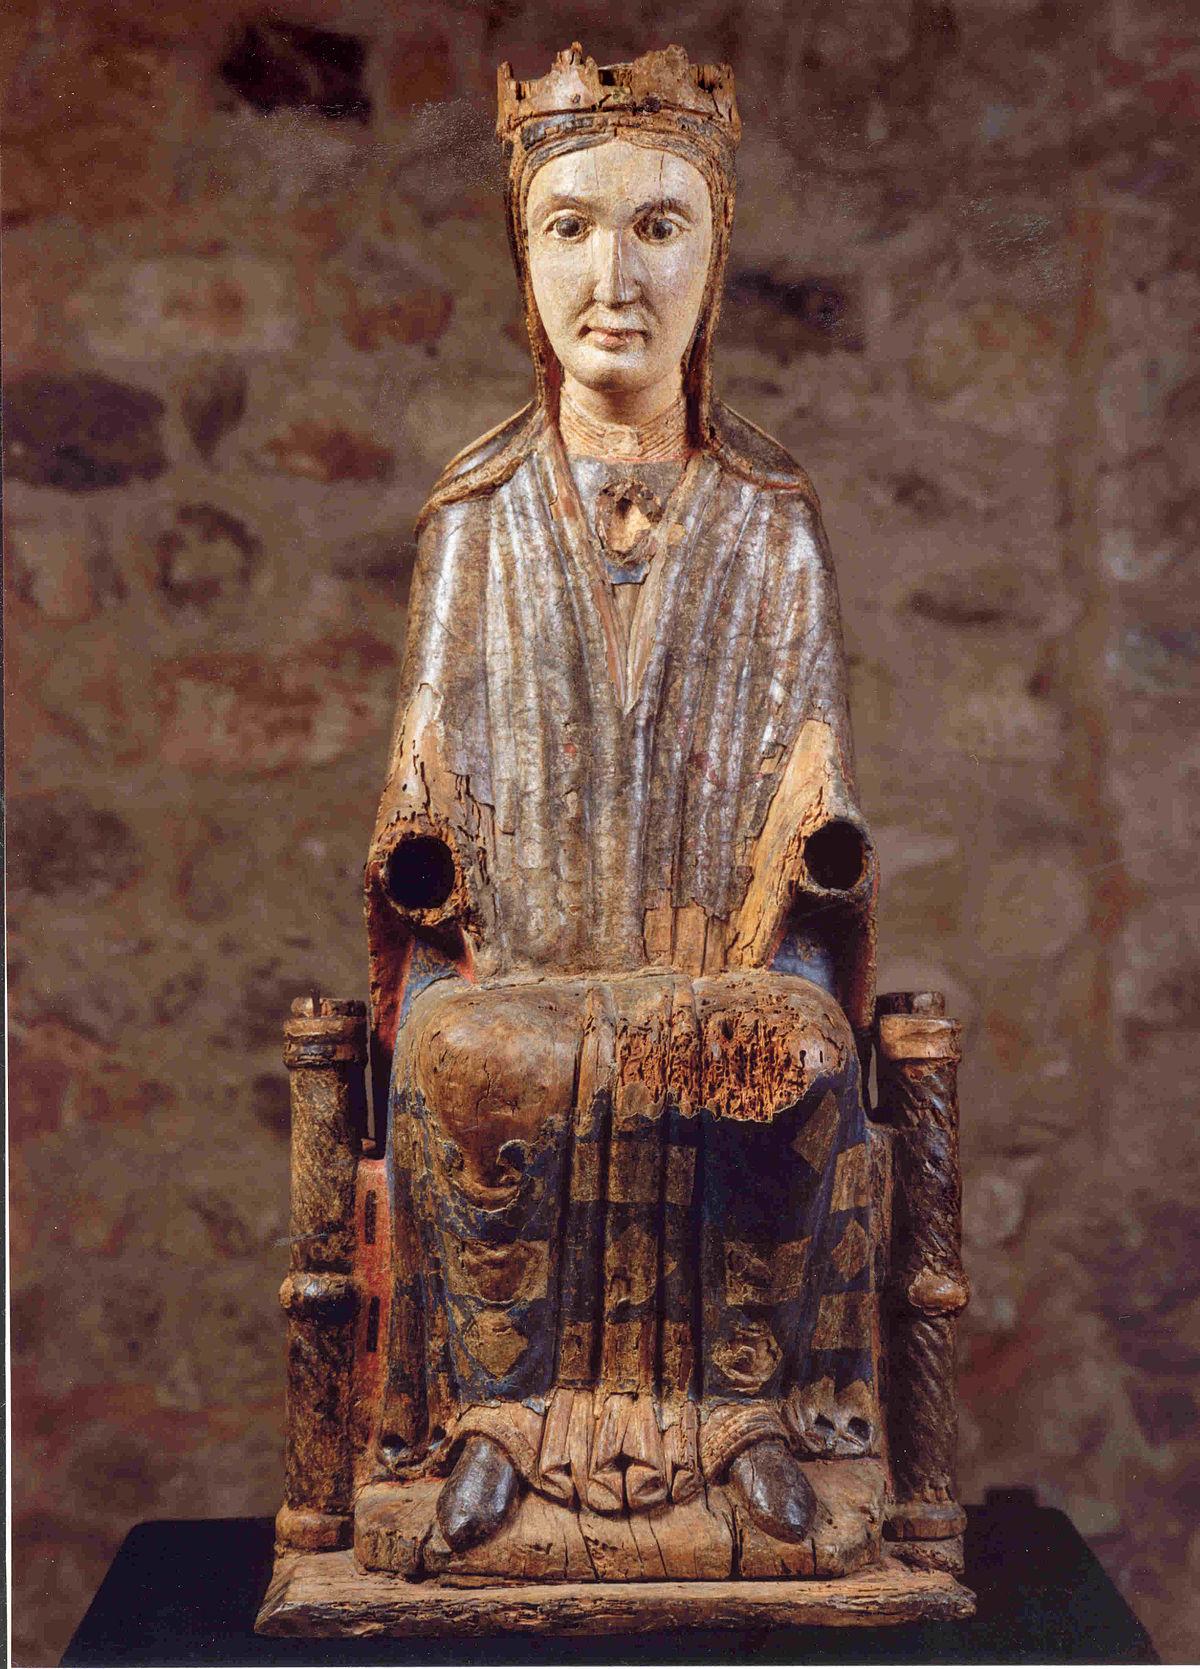 Mare de d u de sant cugat viquip dia l 39 enciclop dia lliure - Alfombras sant cugat ...